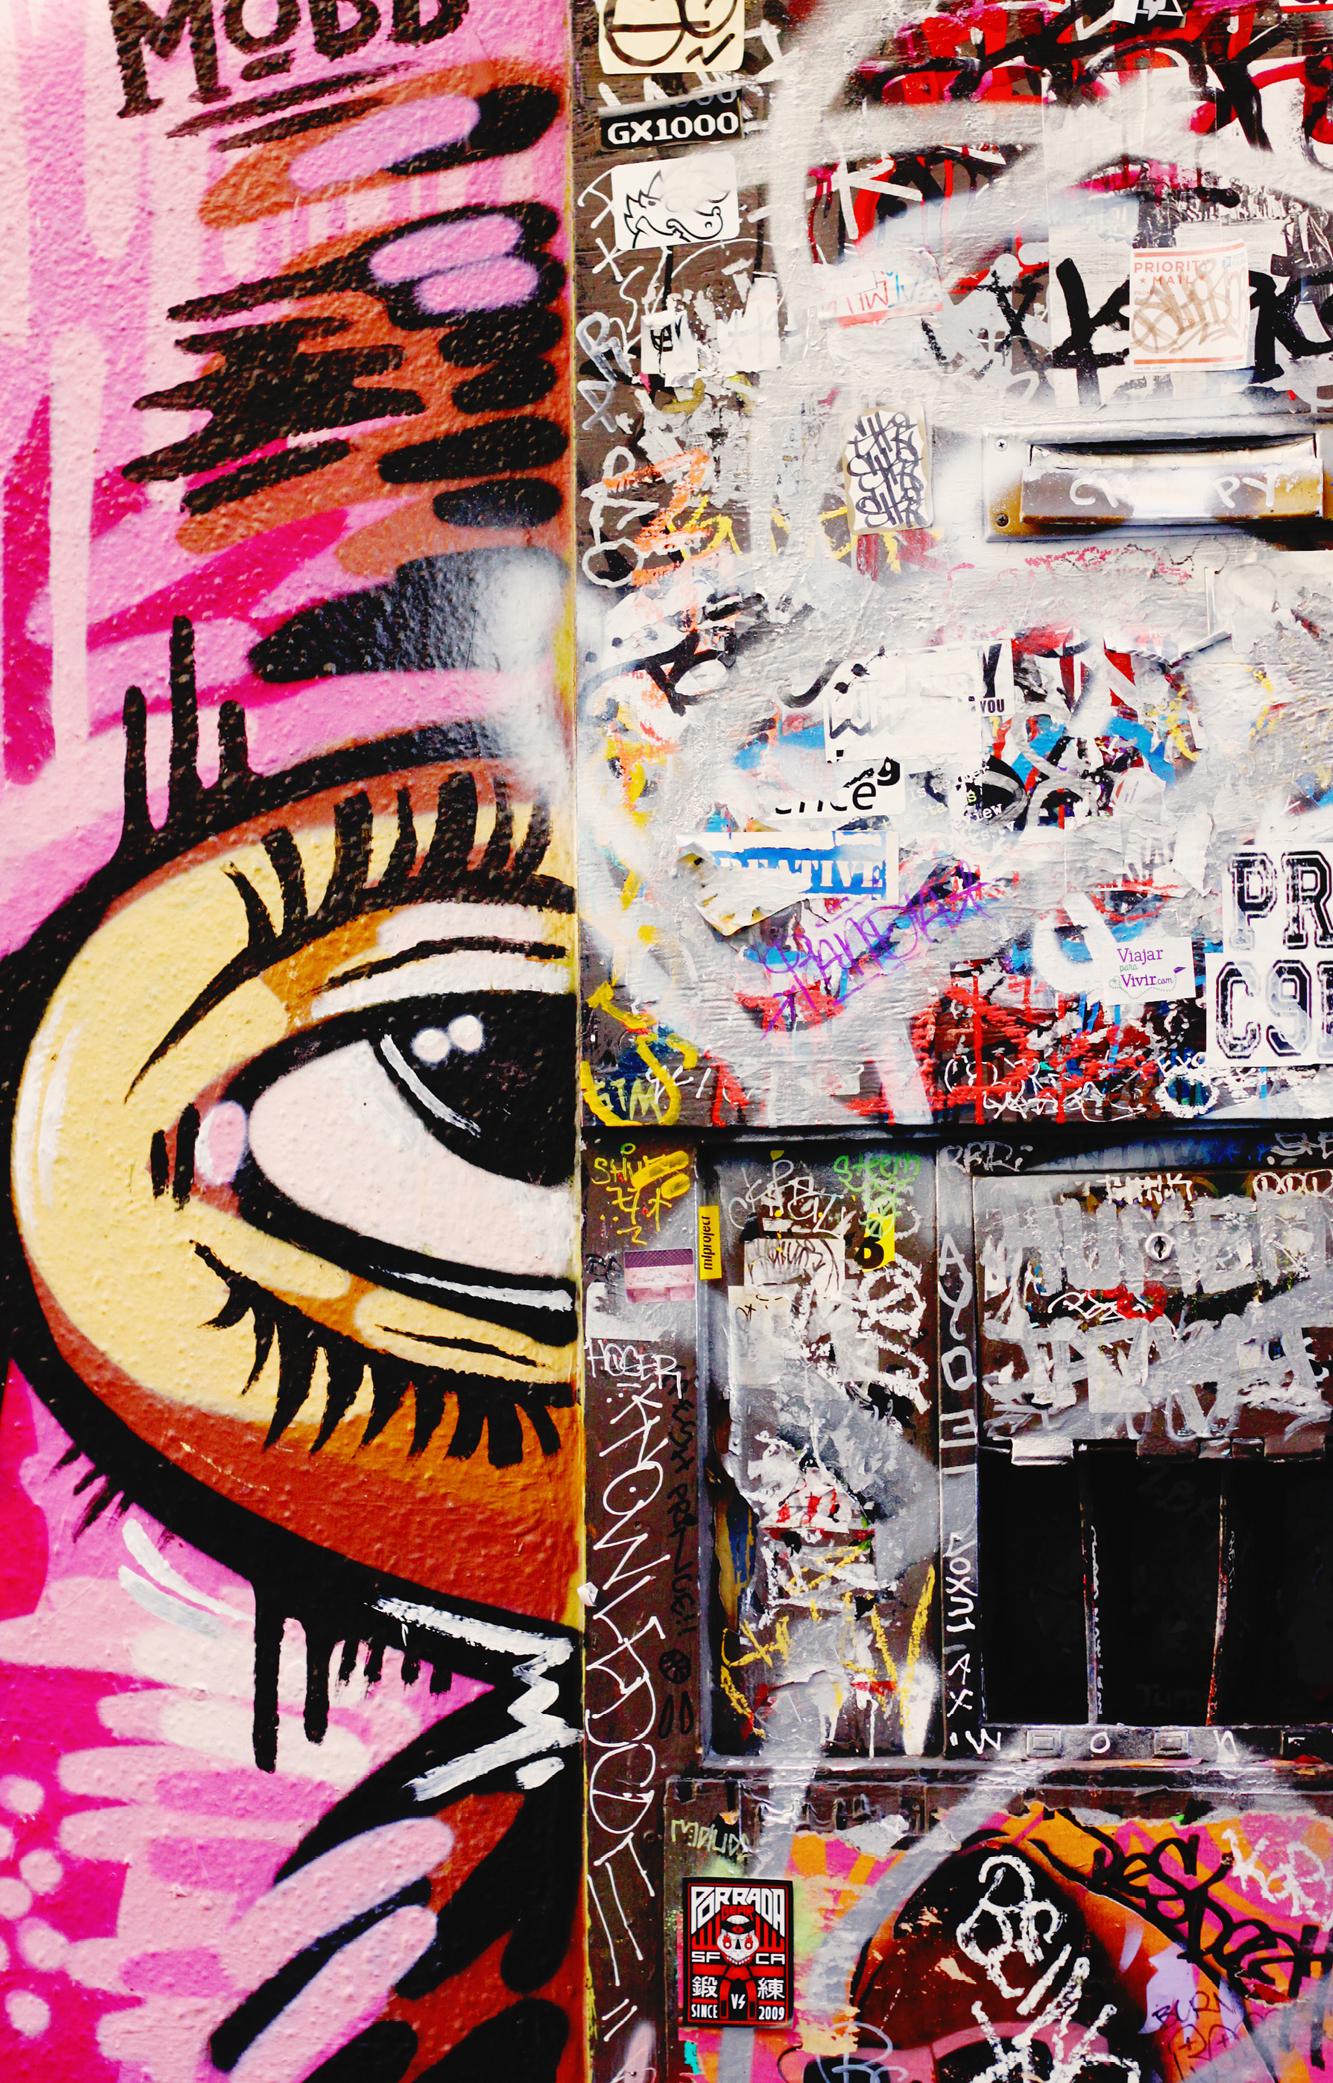 Mission / Valencia - Esta es el área latina de San Francisco. Tiene muchas influencia de los mexicanos y latinoamericanos inmigrantes. Si quieres probar los verdaderos tacos mexicanos (ATENCIÓN: nunca verás a Taco Bell como los mismos ojos) has llegado el lugar perfecto sin tener que viajar a México. Visita la Taquería El Farolito, el lugar no es nada lujoso pero de que son buenos… ¡SON BUENOS!.Lo que mas me gusta de esta área es el nivel artístico. No dejes de pasar por Clarion Alley, un callejón repleto de graffiti y murales. Paralelo a The Mission, esta la calle Valencia, llena de bares y tiendas hipster, nosotras paramos en Etcétera Wine Bar para vinos y tapas al terminar la noche.